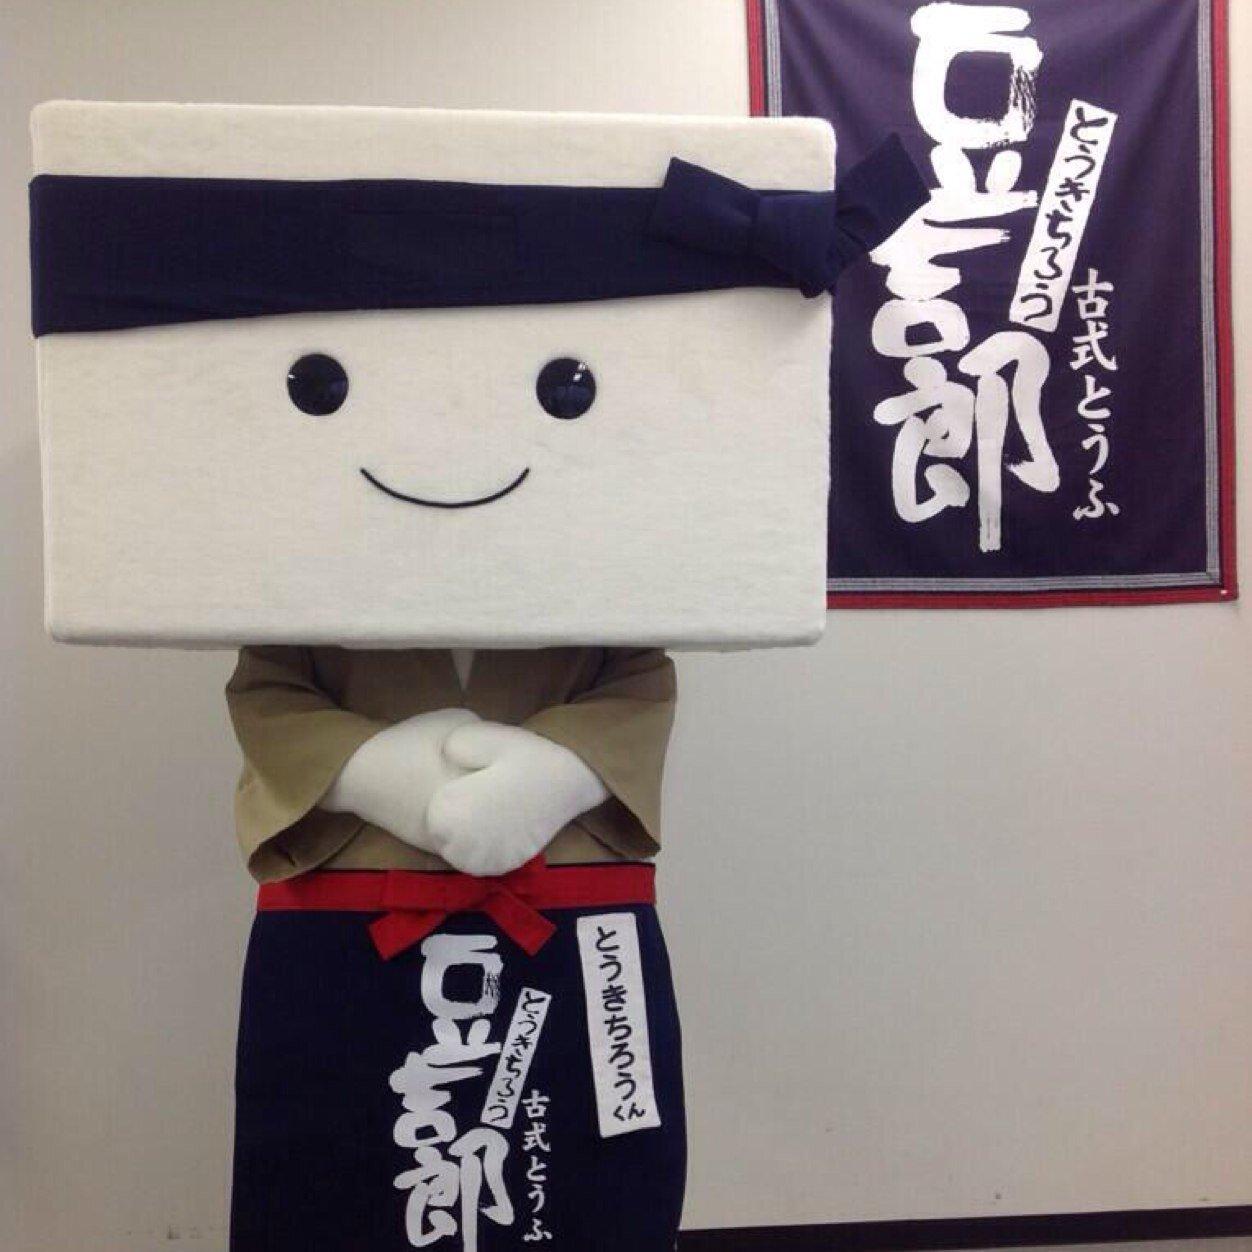 ろう とう 豆腐 きち 豆腐屋直次郎の裏の顔